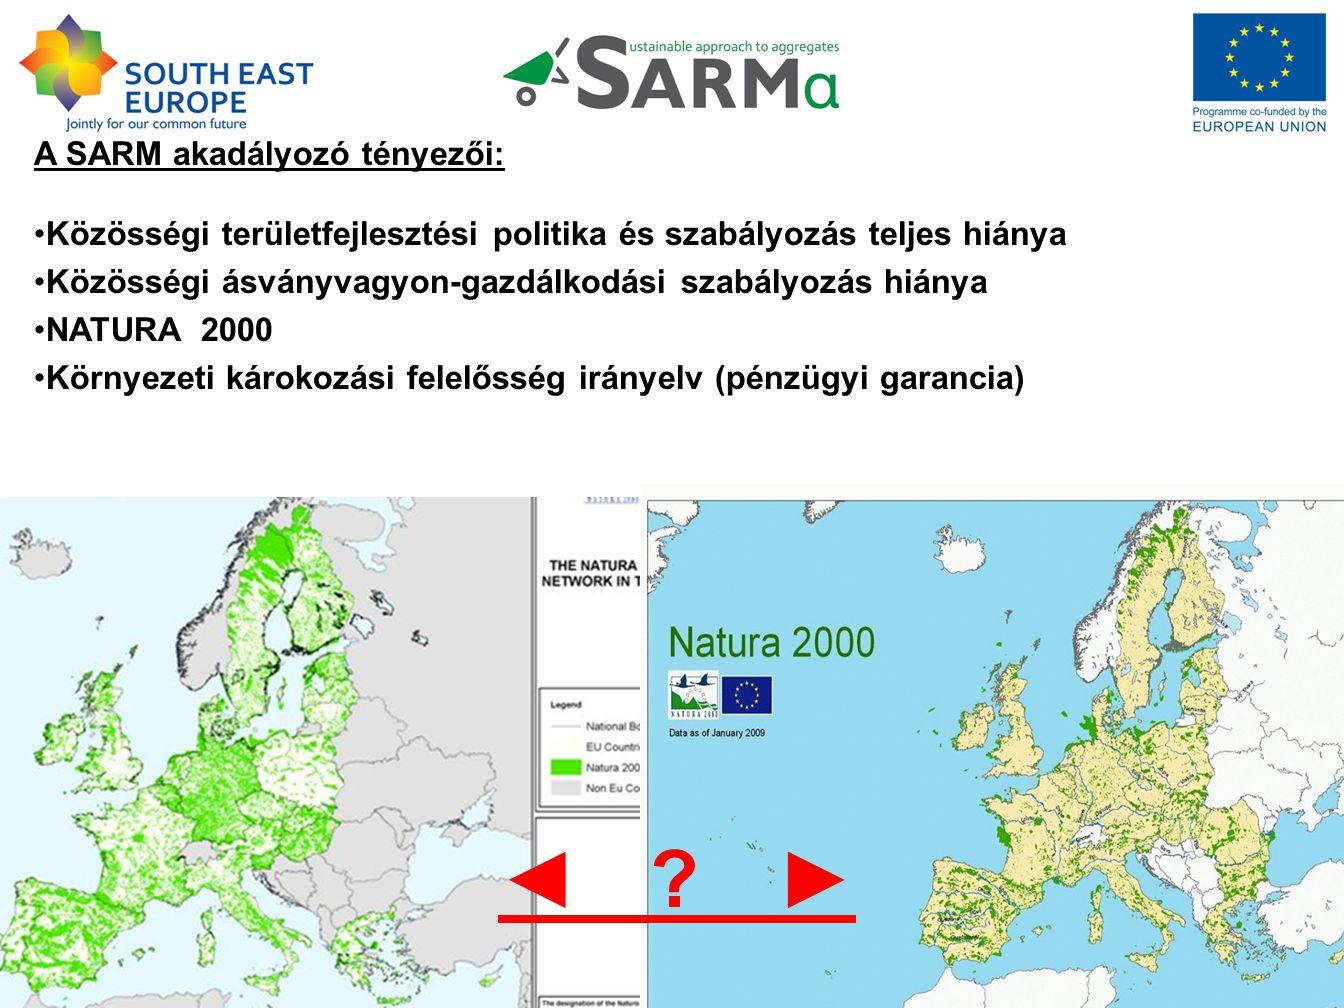 A SARM akadályozó tényezői: Közösségi területfejlesztési politika és szabályozás teljes hiánya Közösségi ásványvagyon-gazdálkodási szabályozás hiánya NATURA 2000 Környezeti károkozási felelősség irányelv (pénzügyi garancia) ◄ ►